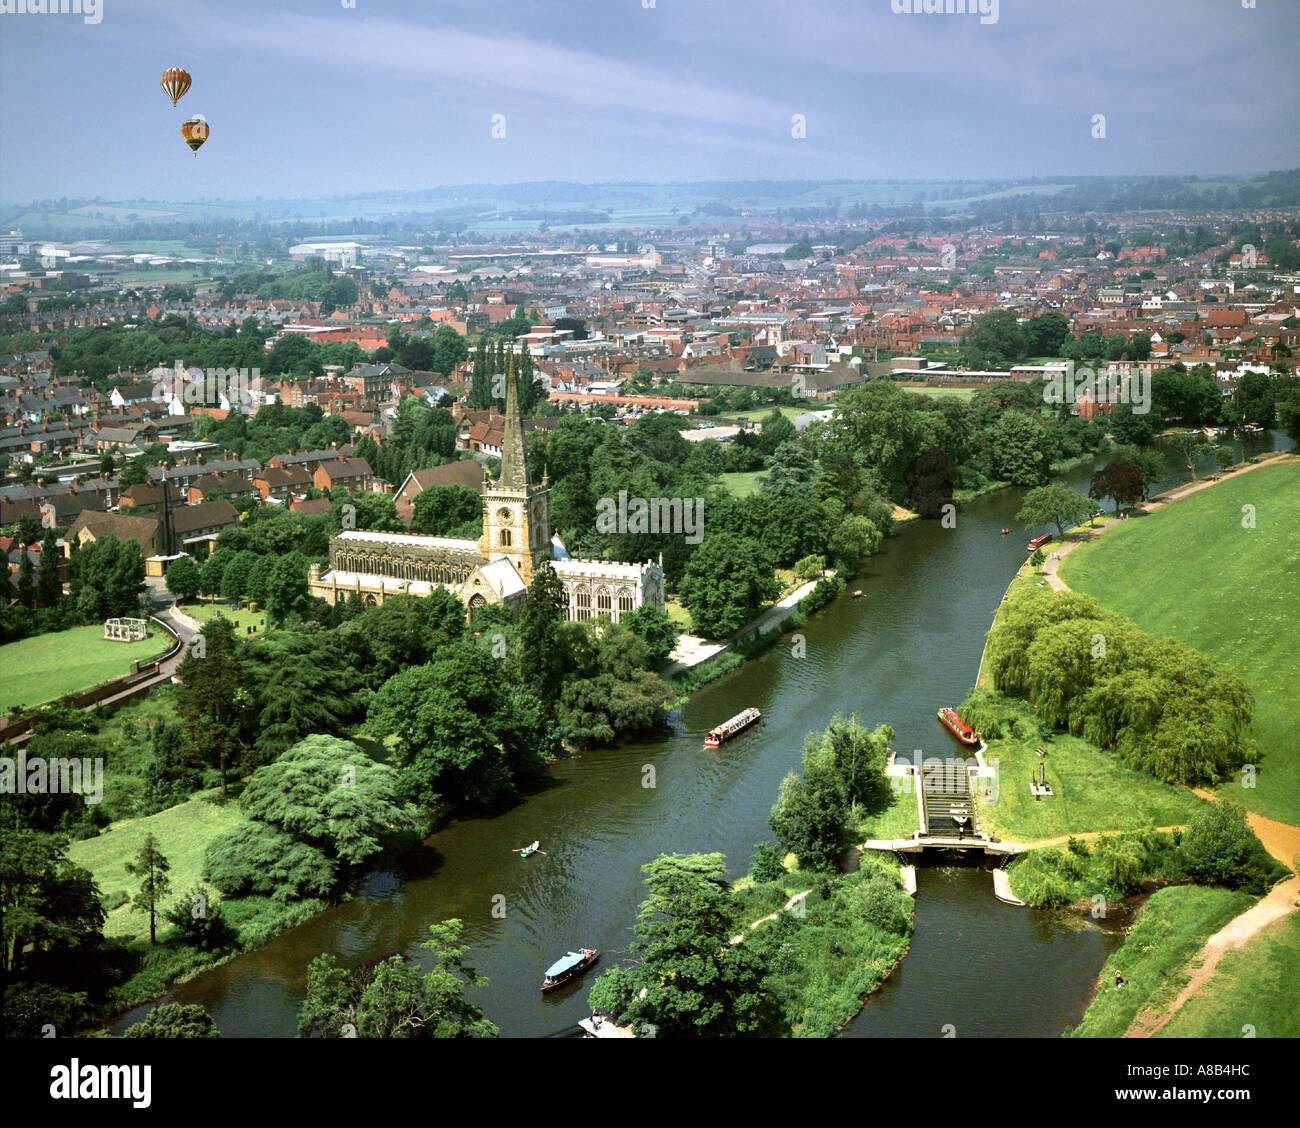 GB - WARWICKSHIRE:  Stratford-upon-Avon - Stock Image